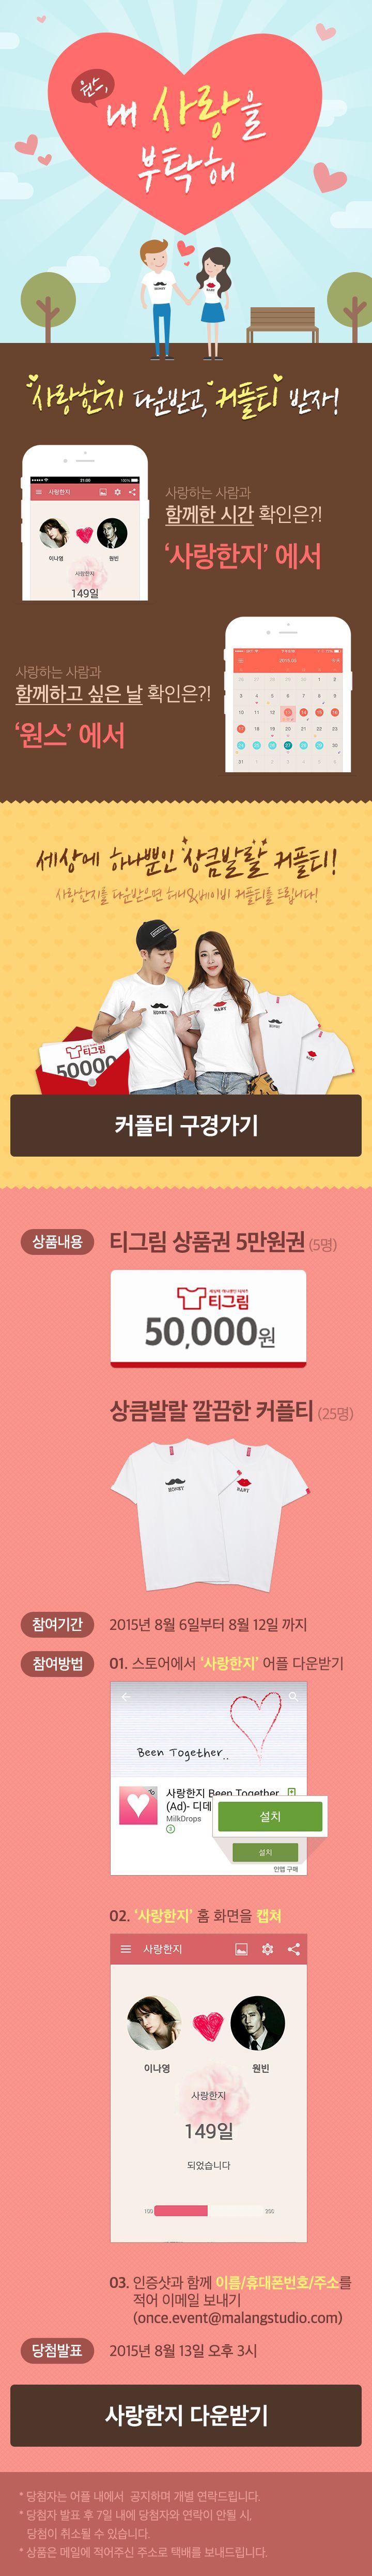 여자들의 필수 앱 '원스' 사랑한지 코프로모션 이벤트 <원스, 내 사랑을 부탁해> 이미지 생리 / 생리주기 관리 / 피임 / 배란 / event / promotion